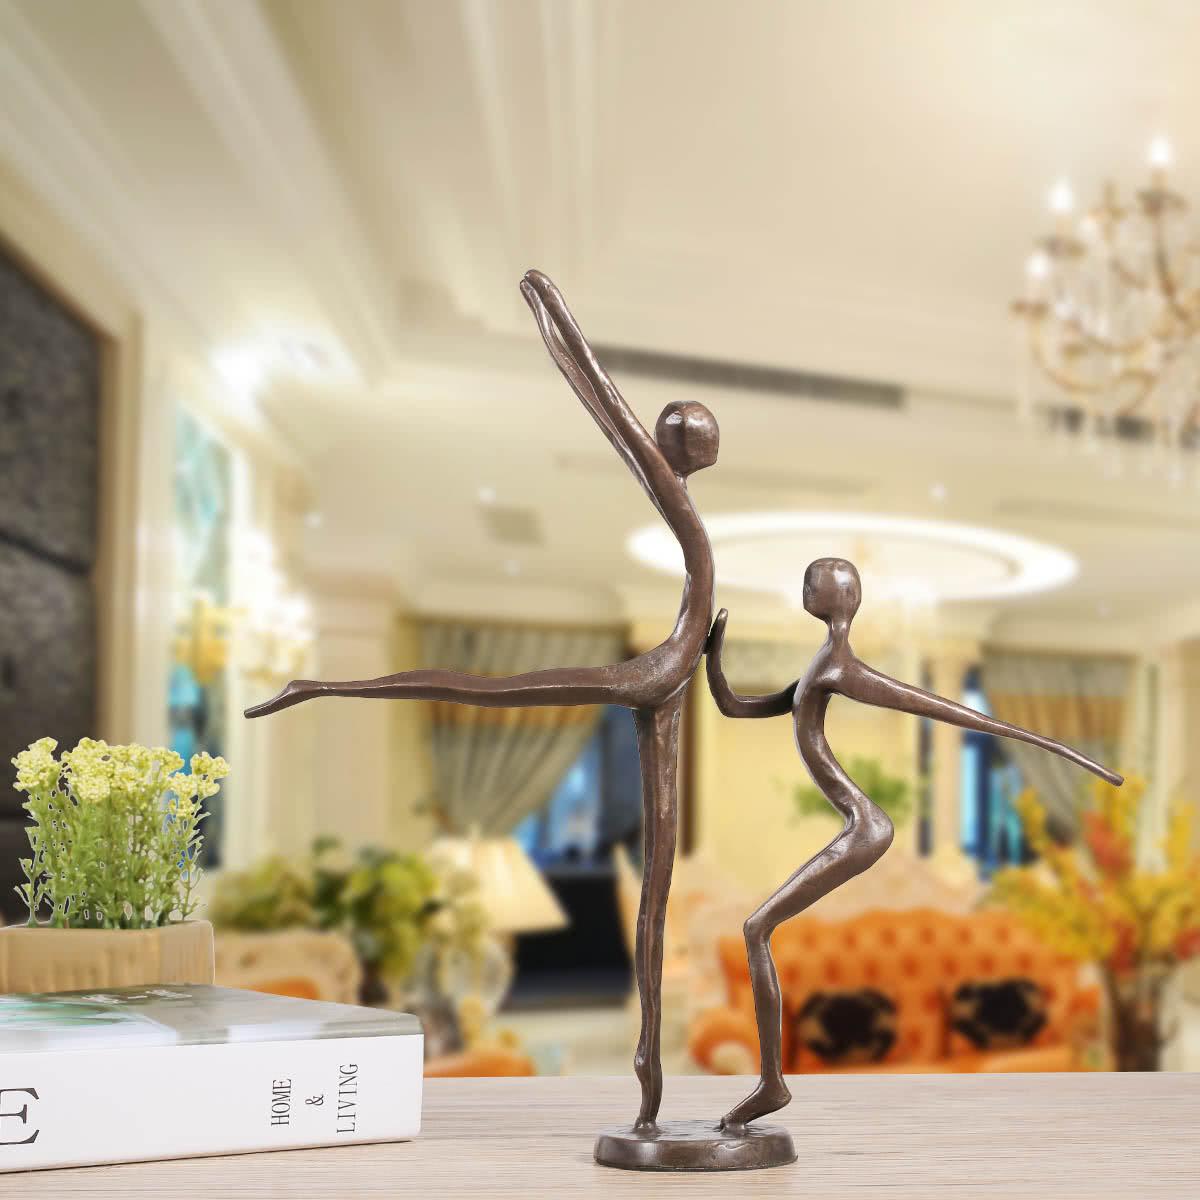 Danza doble 1 danza moderna escultura del bronce escultura - Esculturas decoracion ...